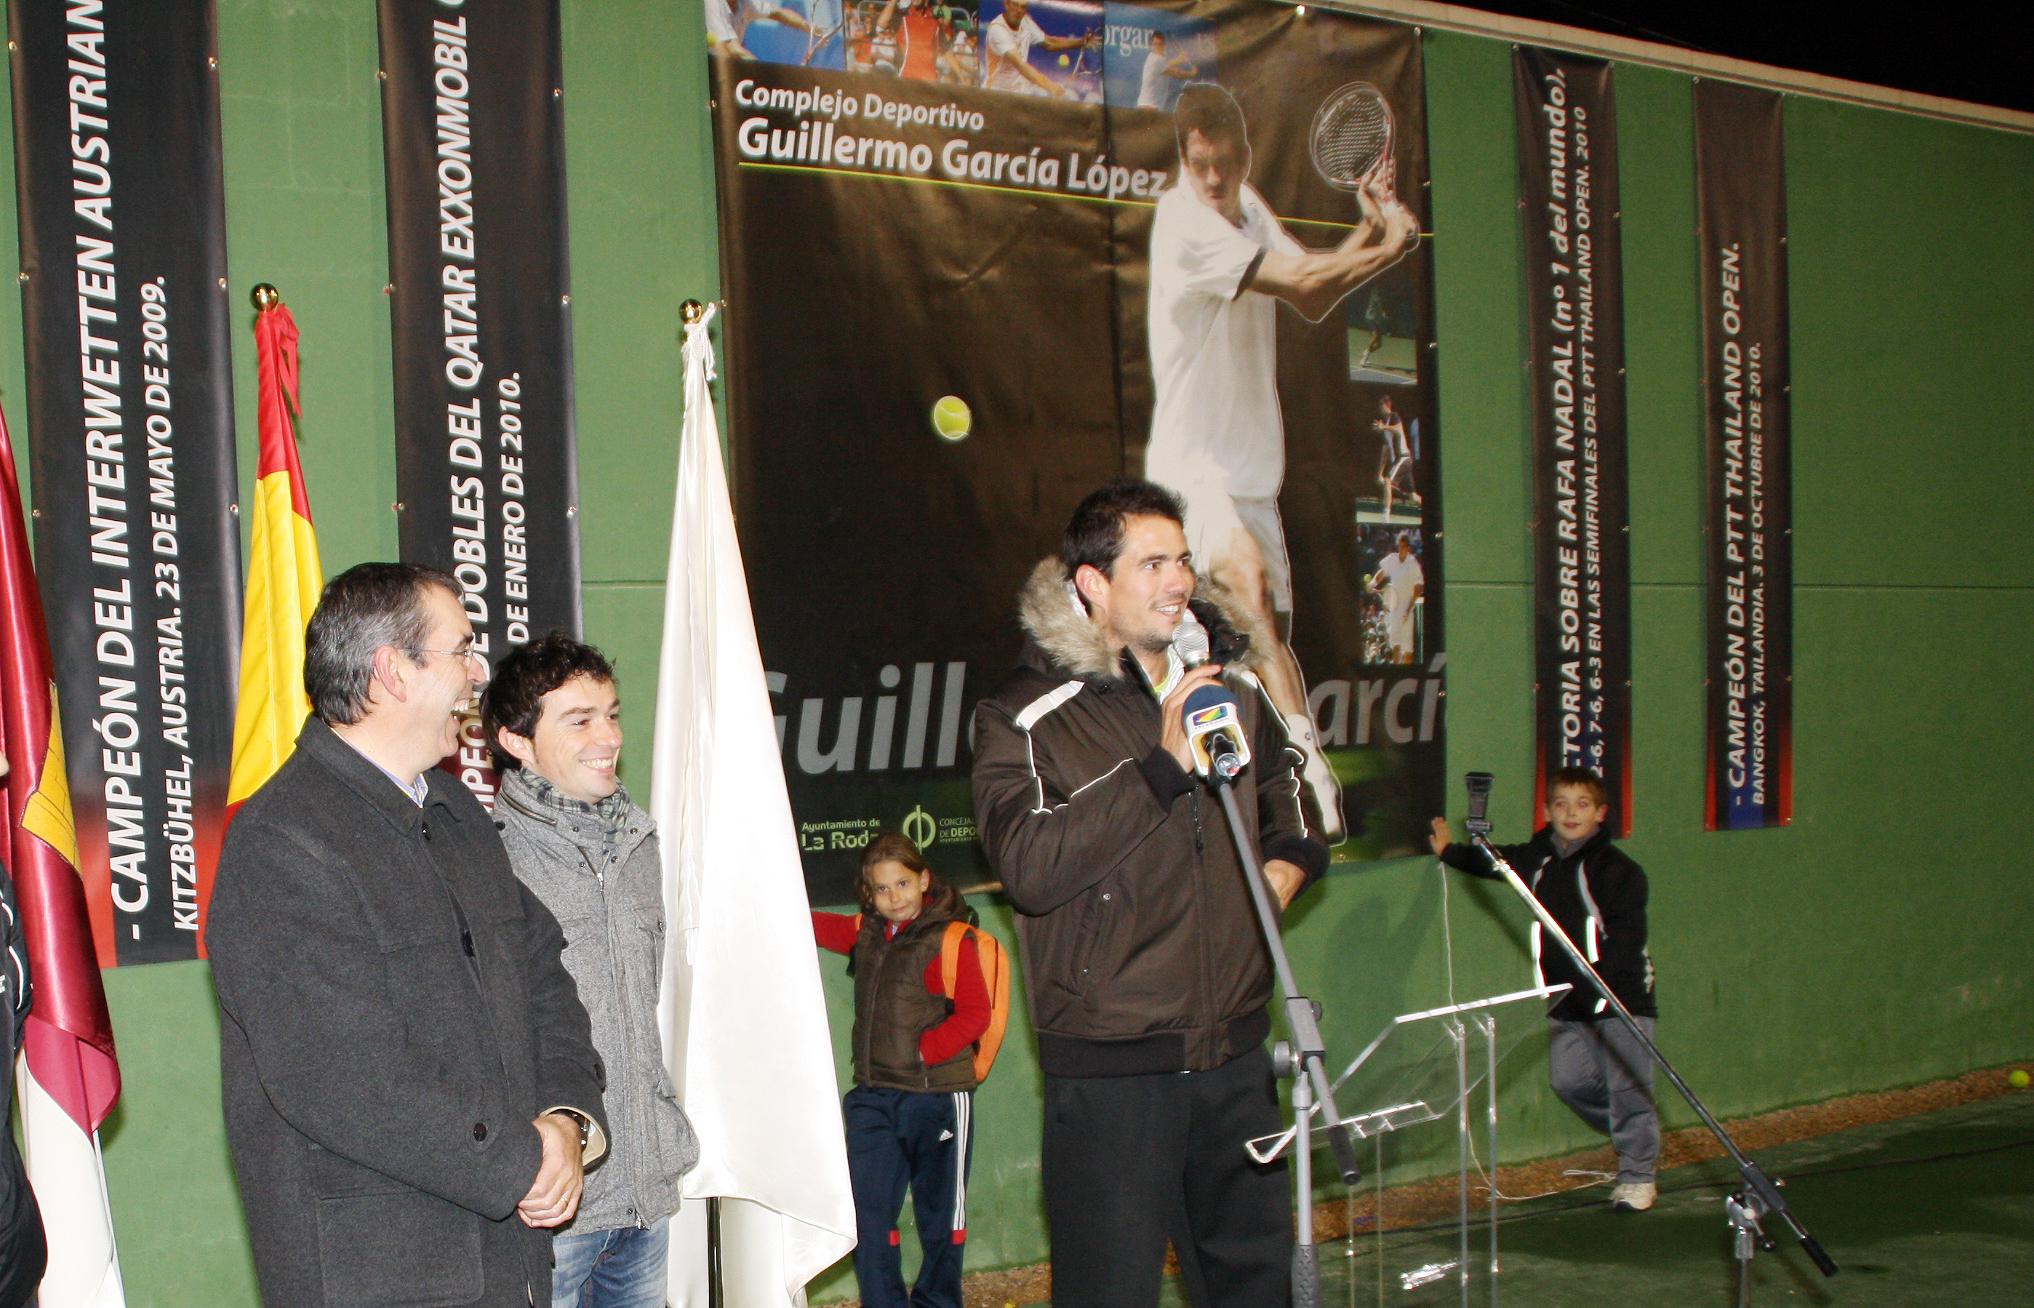 Guillermo García López Recibió Con Sorpresa Este Gesto Del Ayuntamiento Rodense